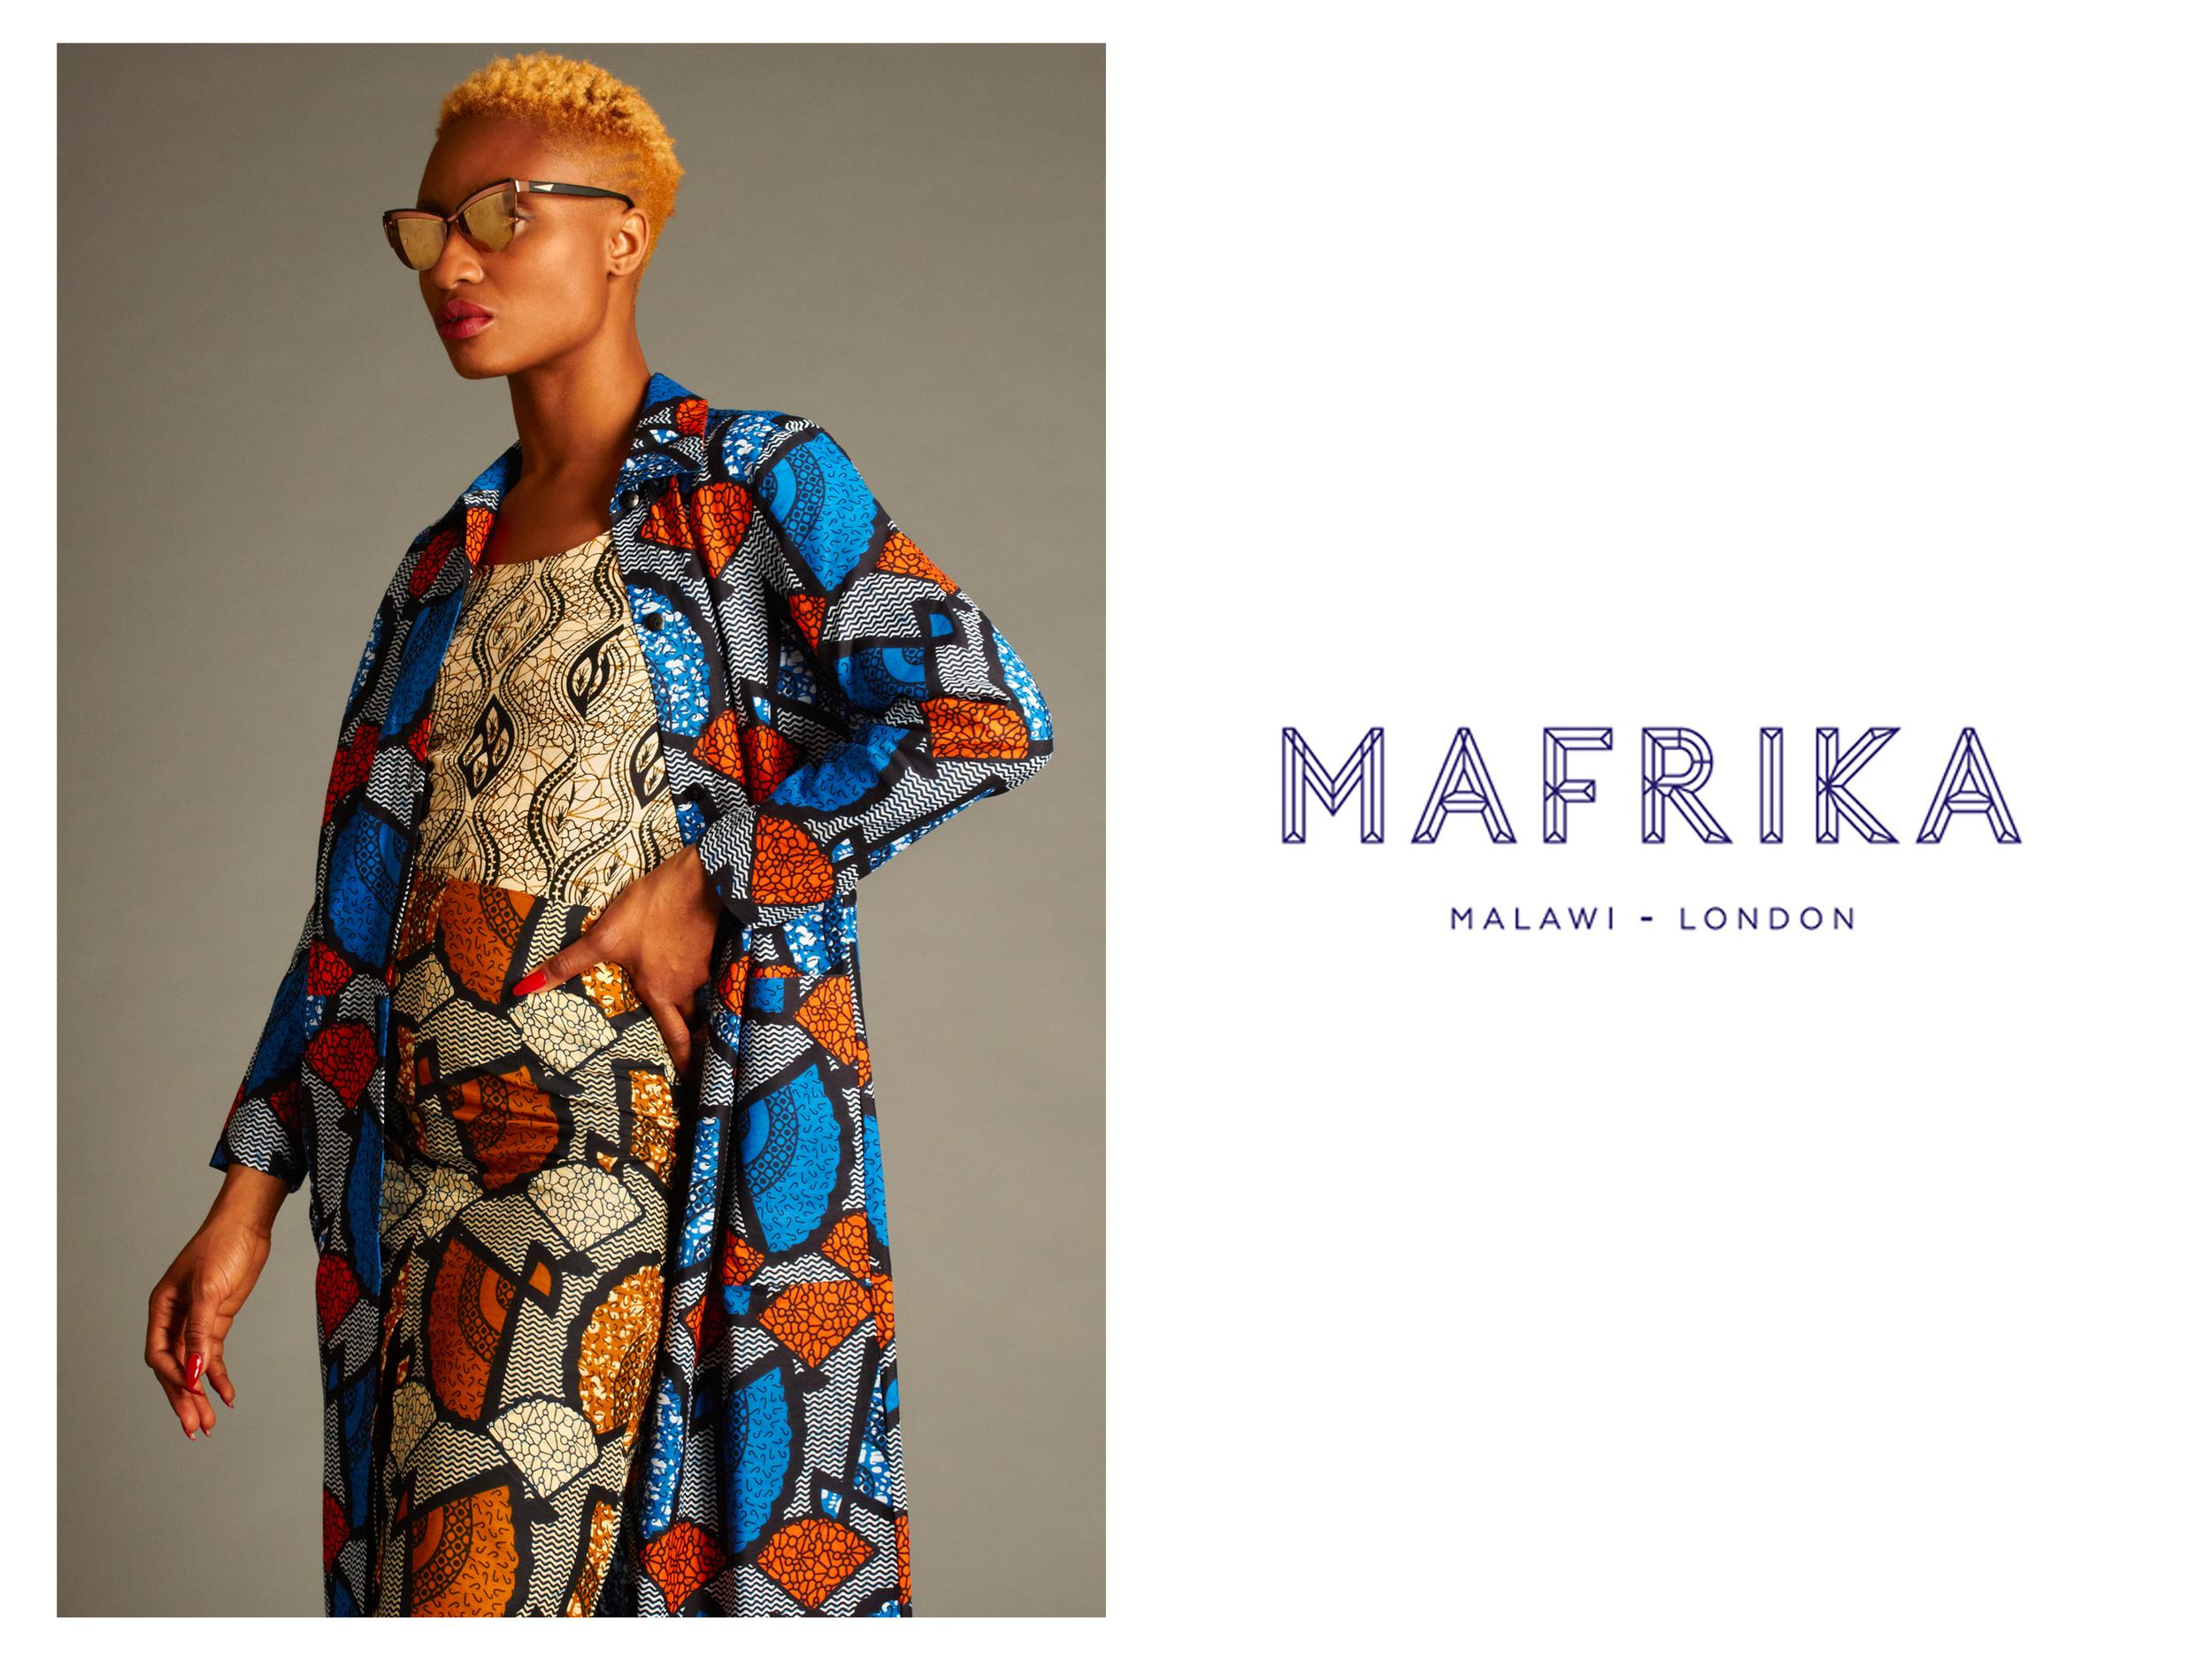 Mafrika F/W 15-16 look book